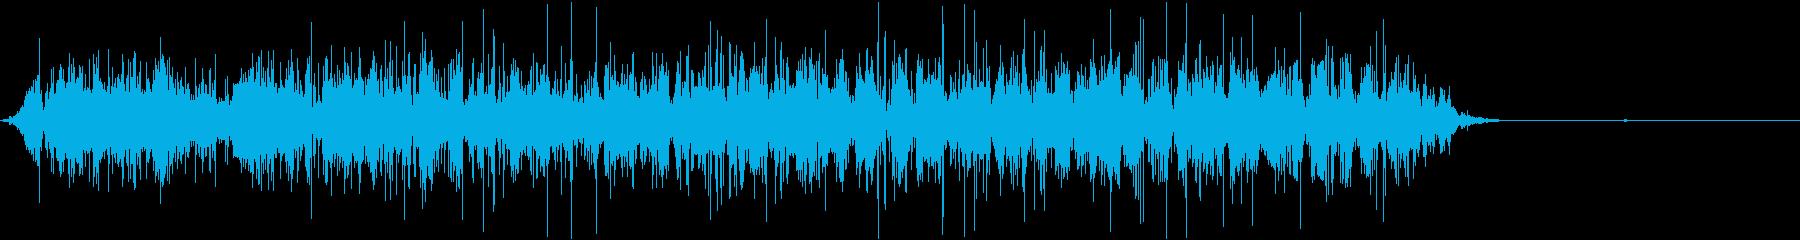 ビニール袋をぐしゃぐしゃする音の再生済みの波形